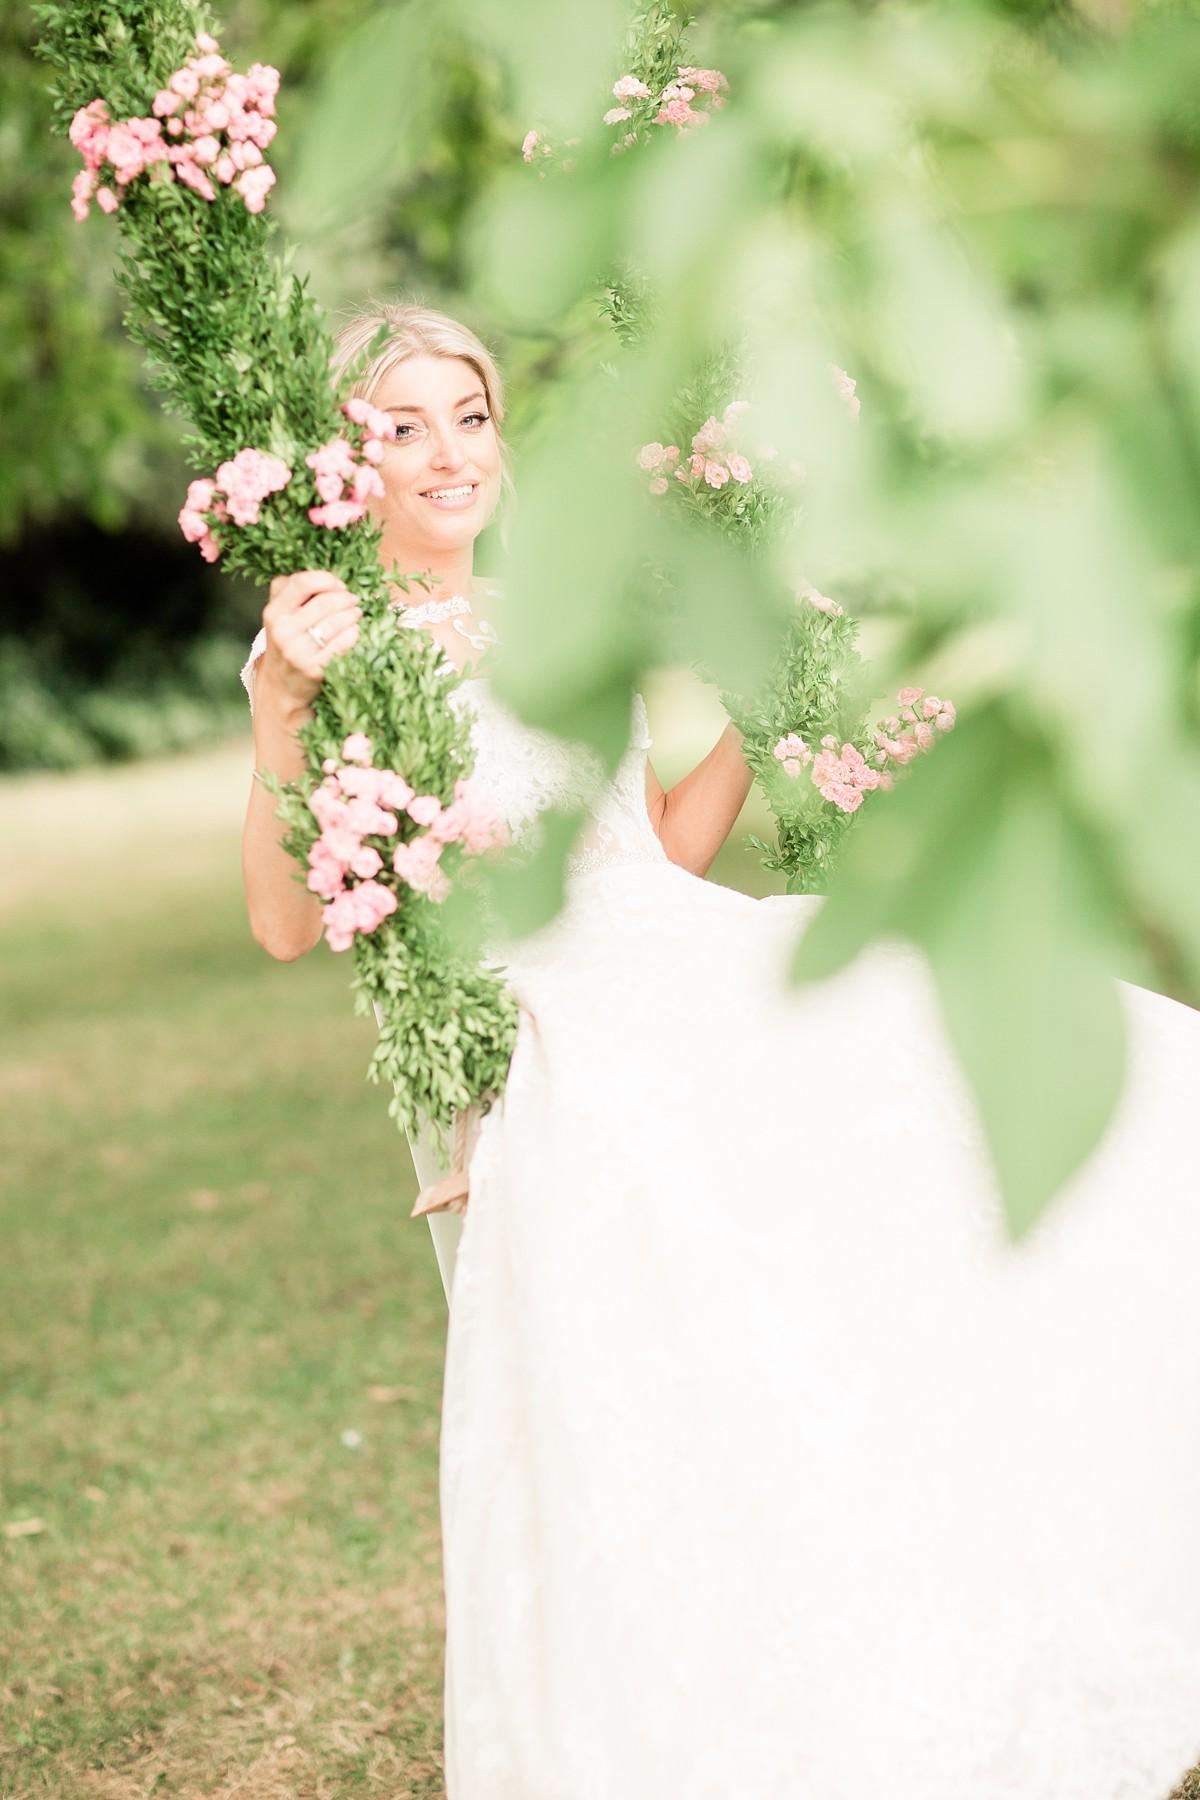 Hochzeitsfotograf-Herford-van-Laer-Fotograf-Hochzeit-Nrw_0073